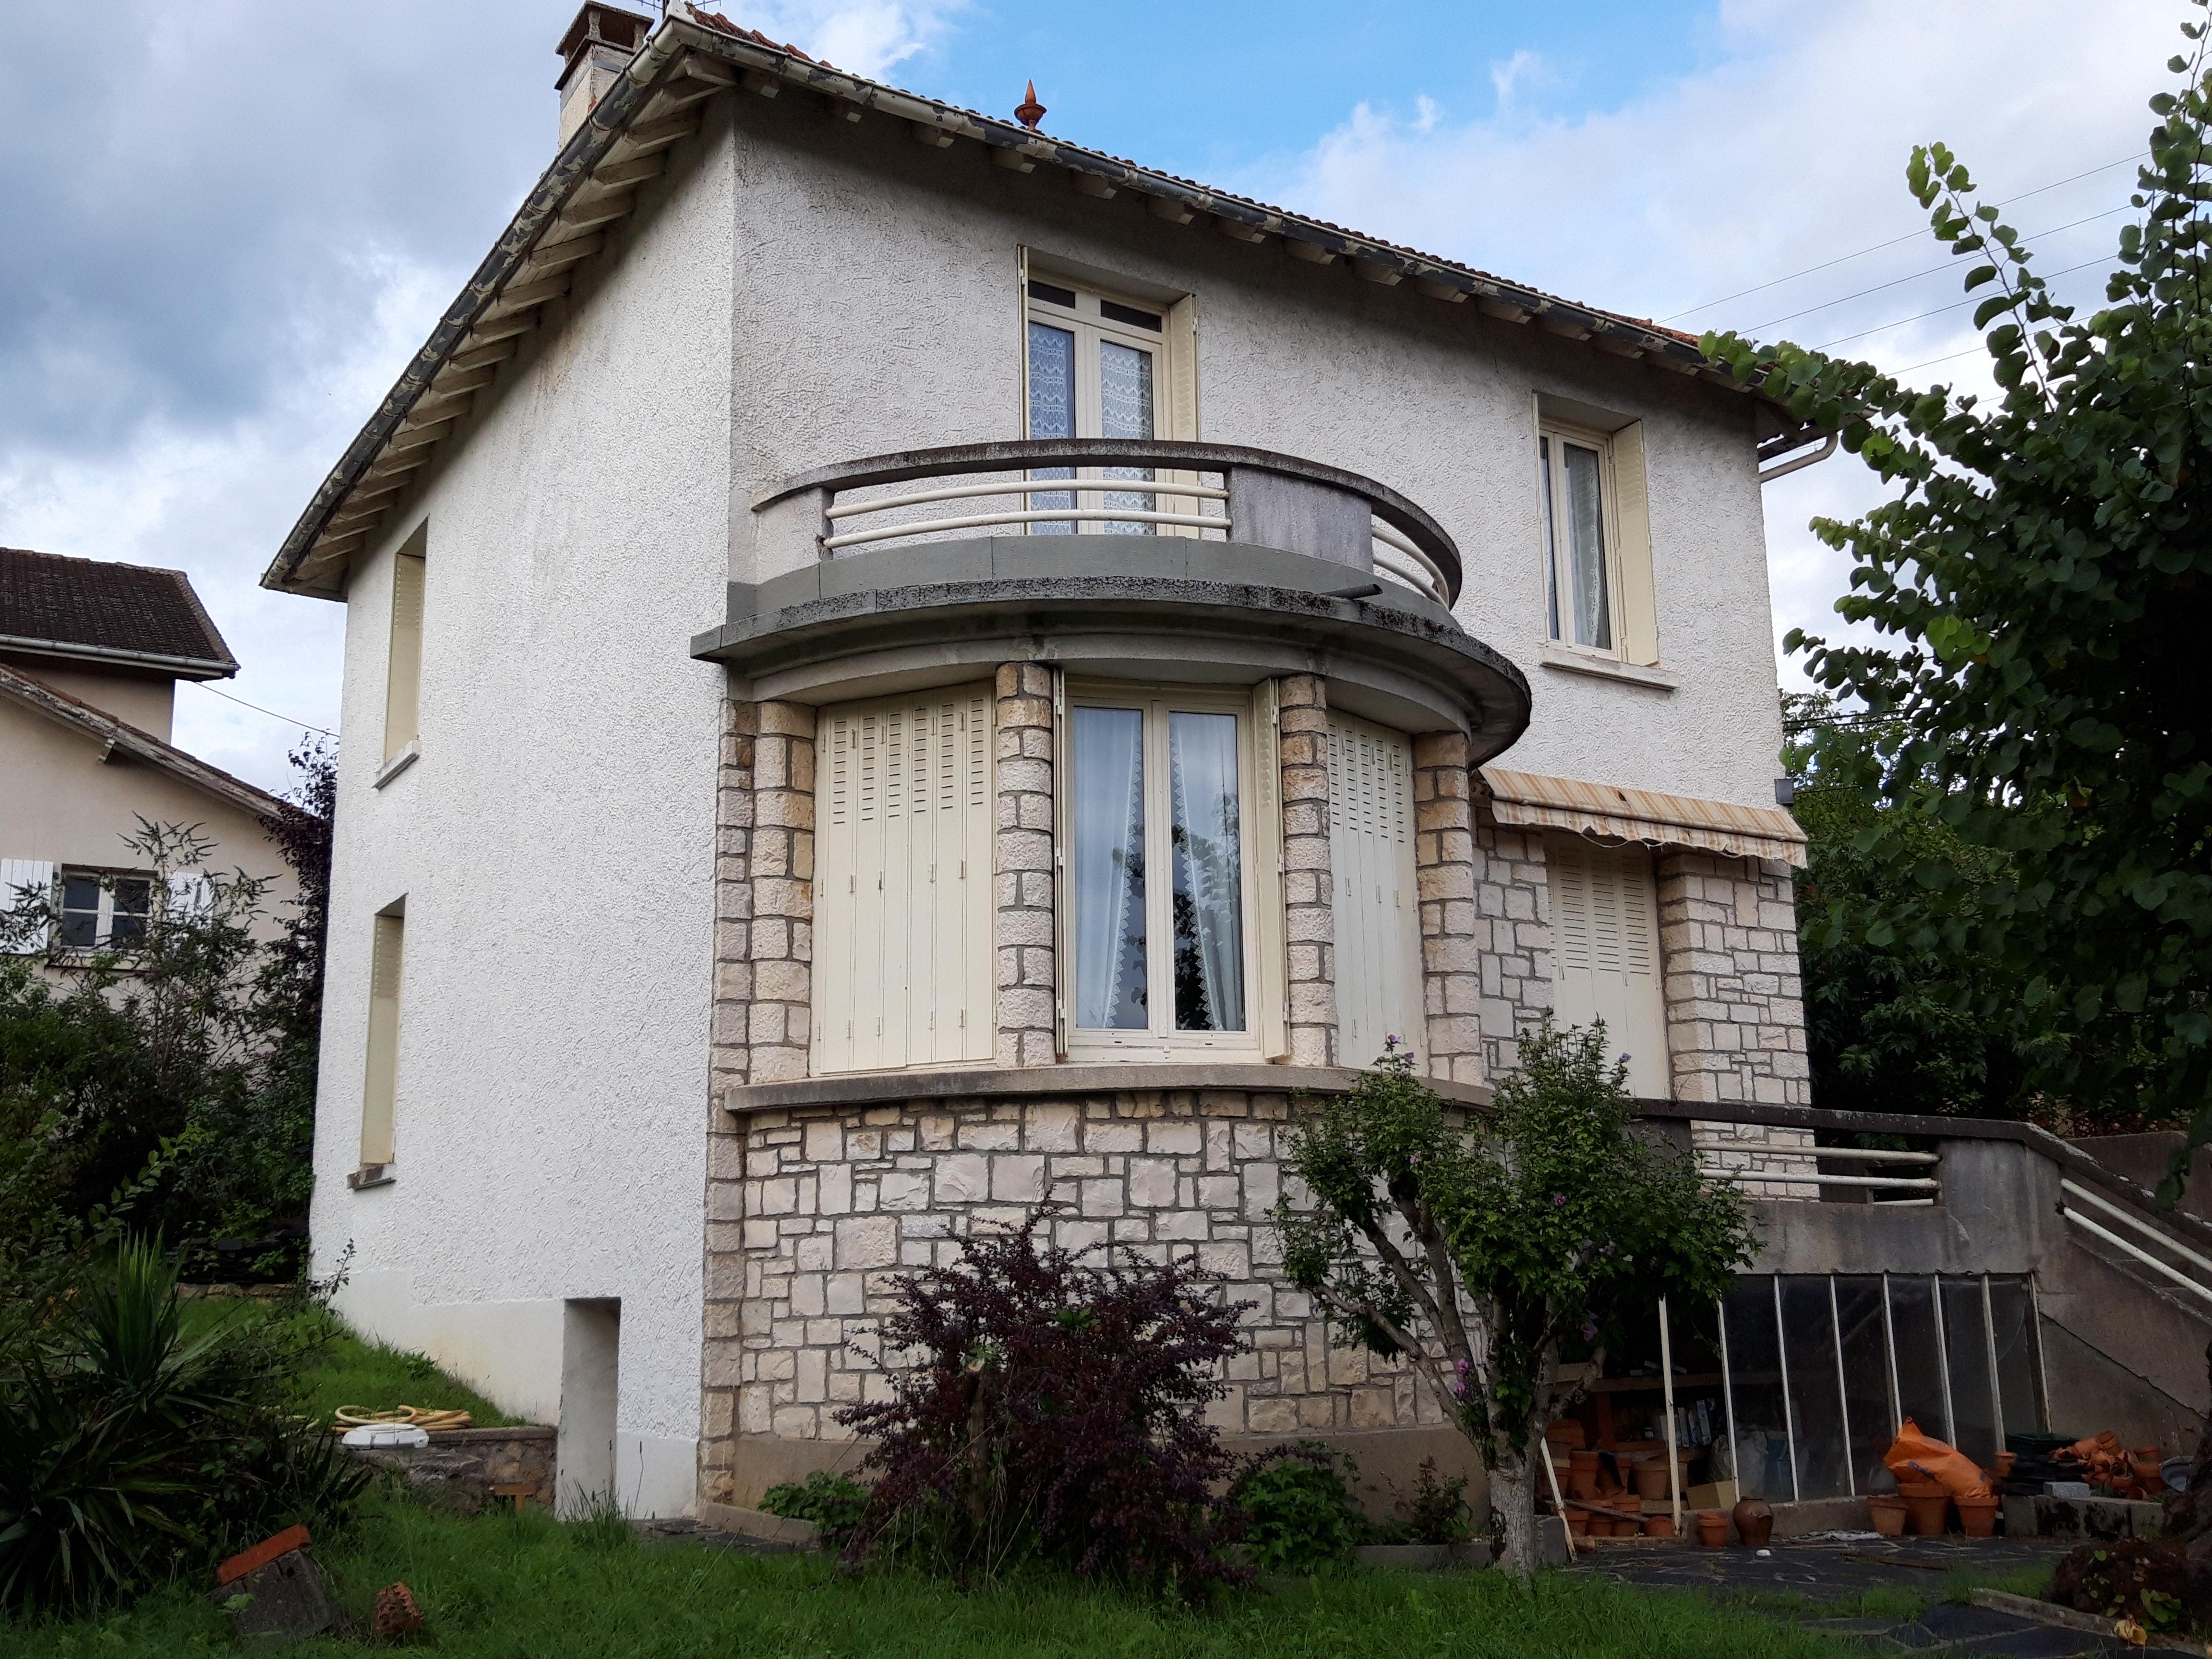 Jolie maison T5 à vendre en proximité immédiate du centre ville de FIGEAC